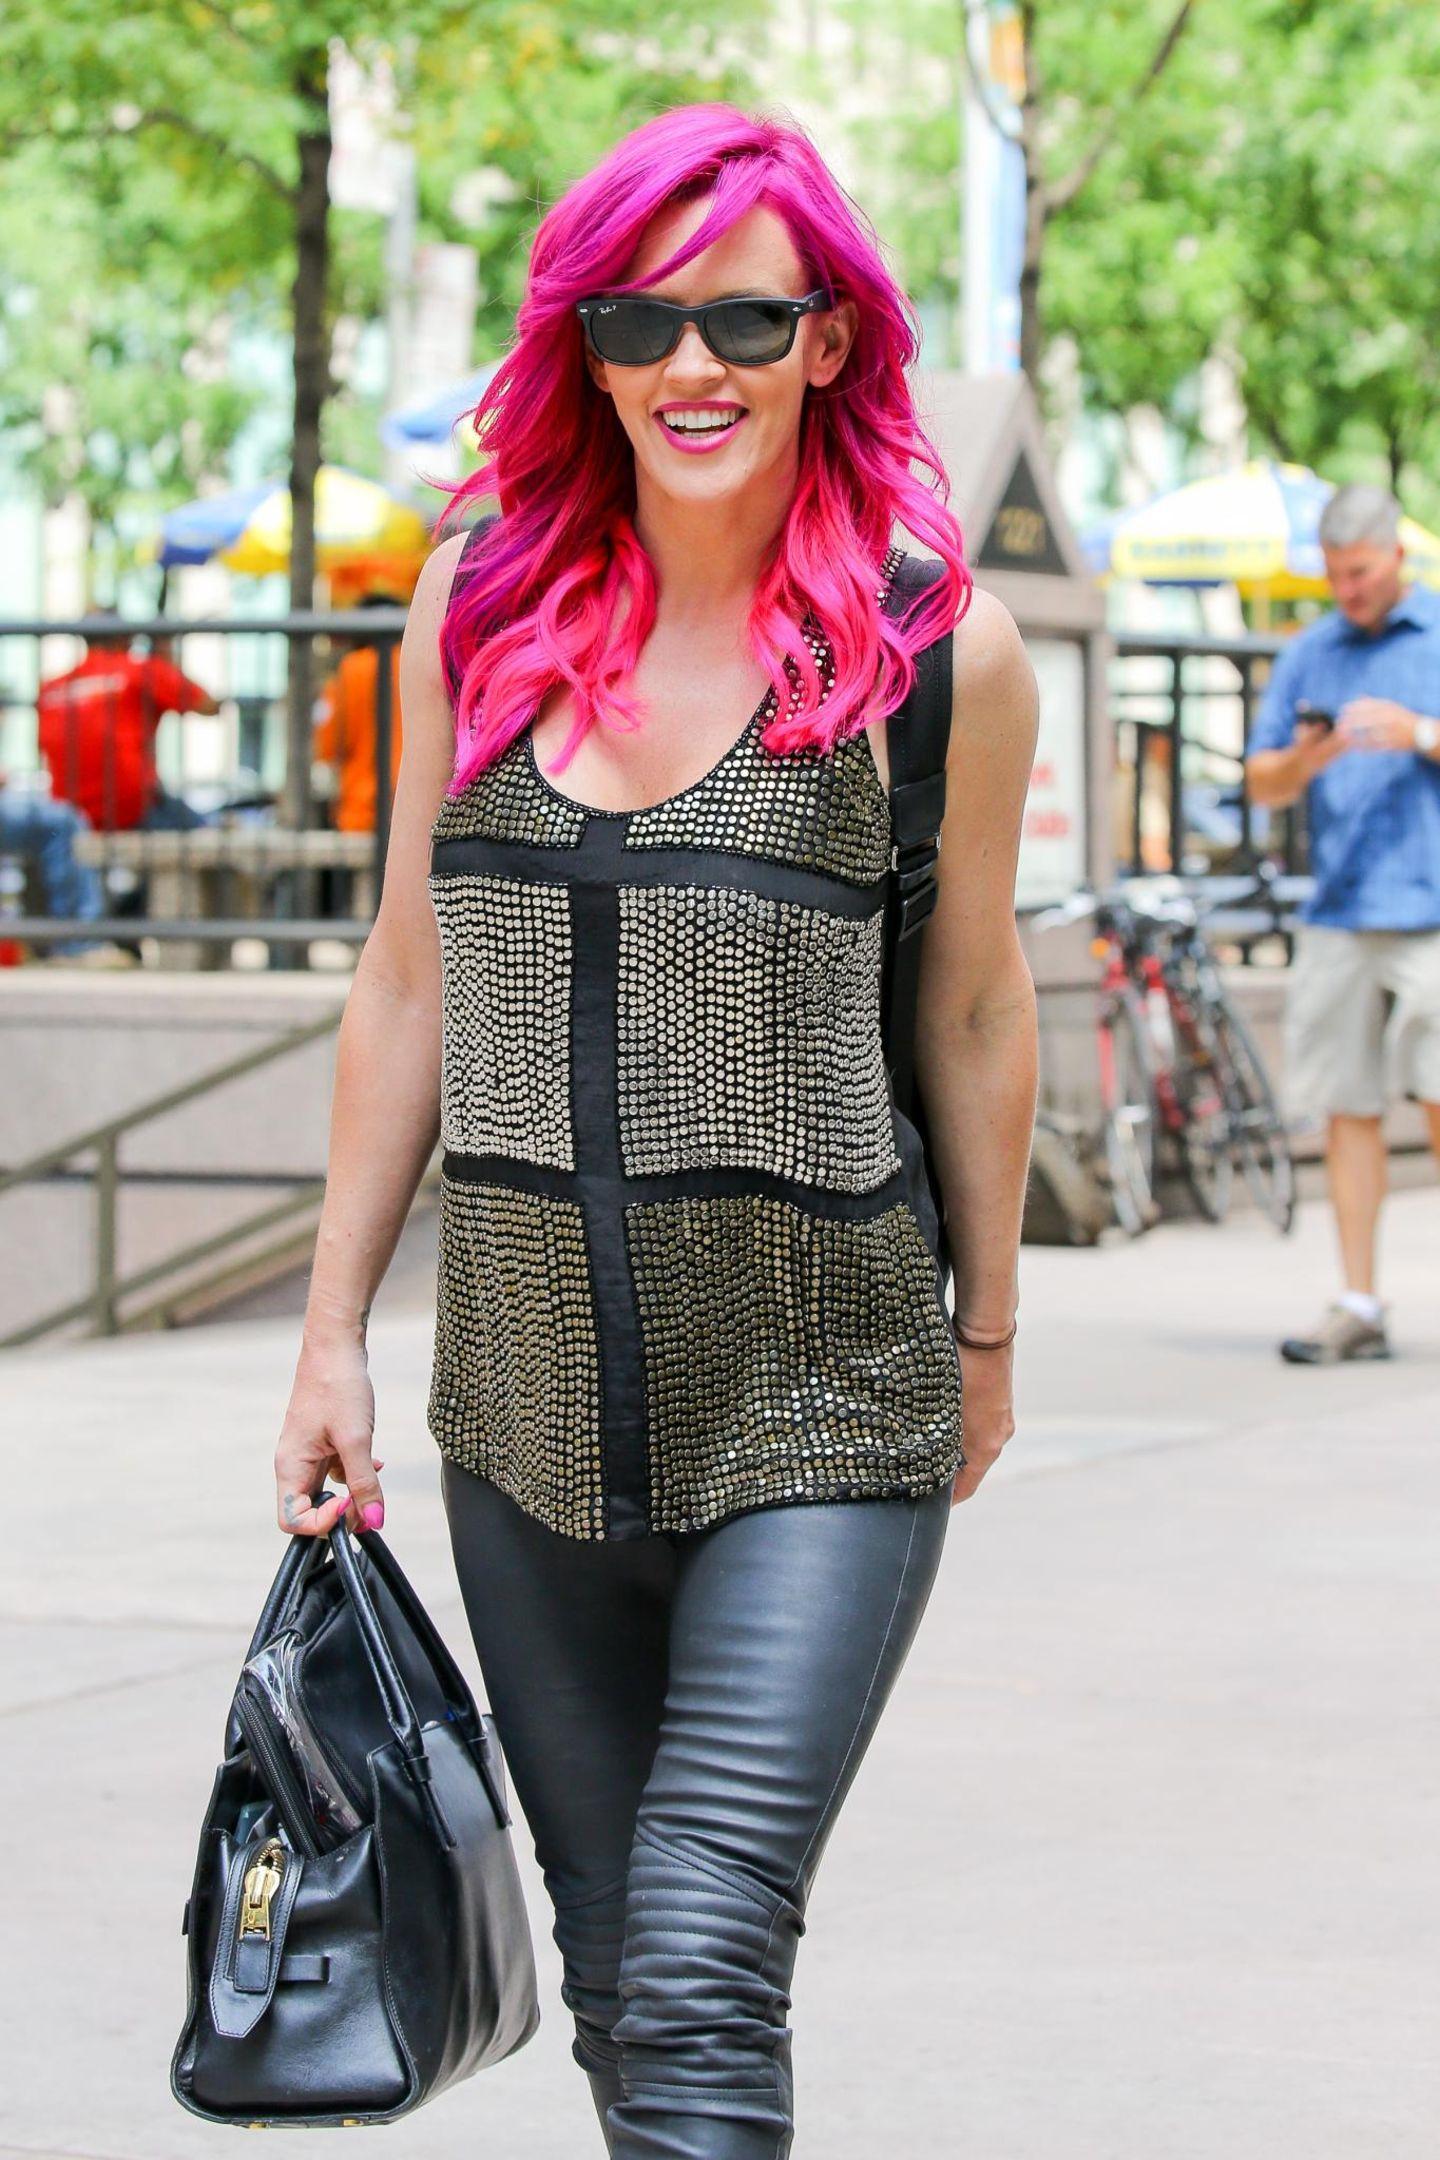 29. Juli 2015: Jenny McCarthy verlässt mit pinkfarbenen Haaren und Lippenstift die SiriusXM Studios in New York.